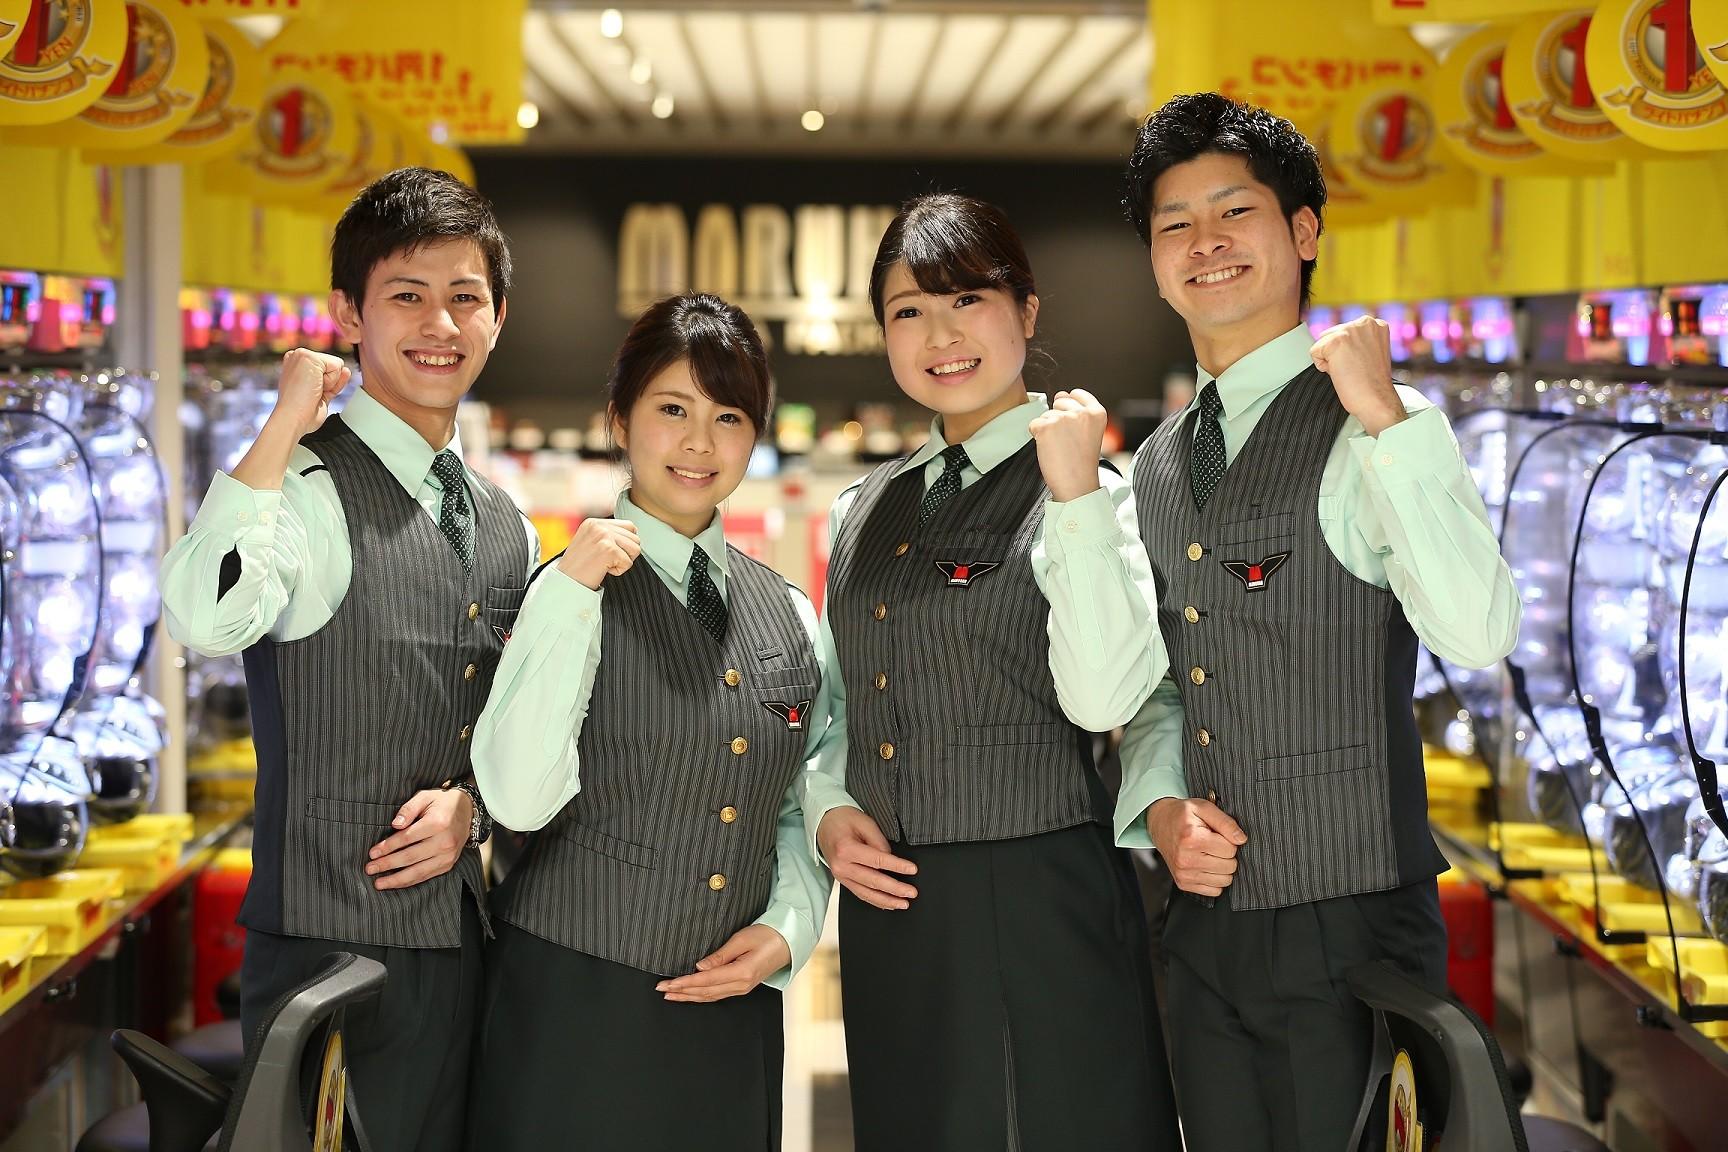 マルハン 新守山駅前店[2205] のアルバイト情報